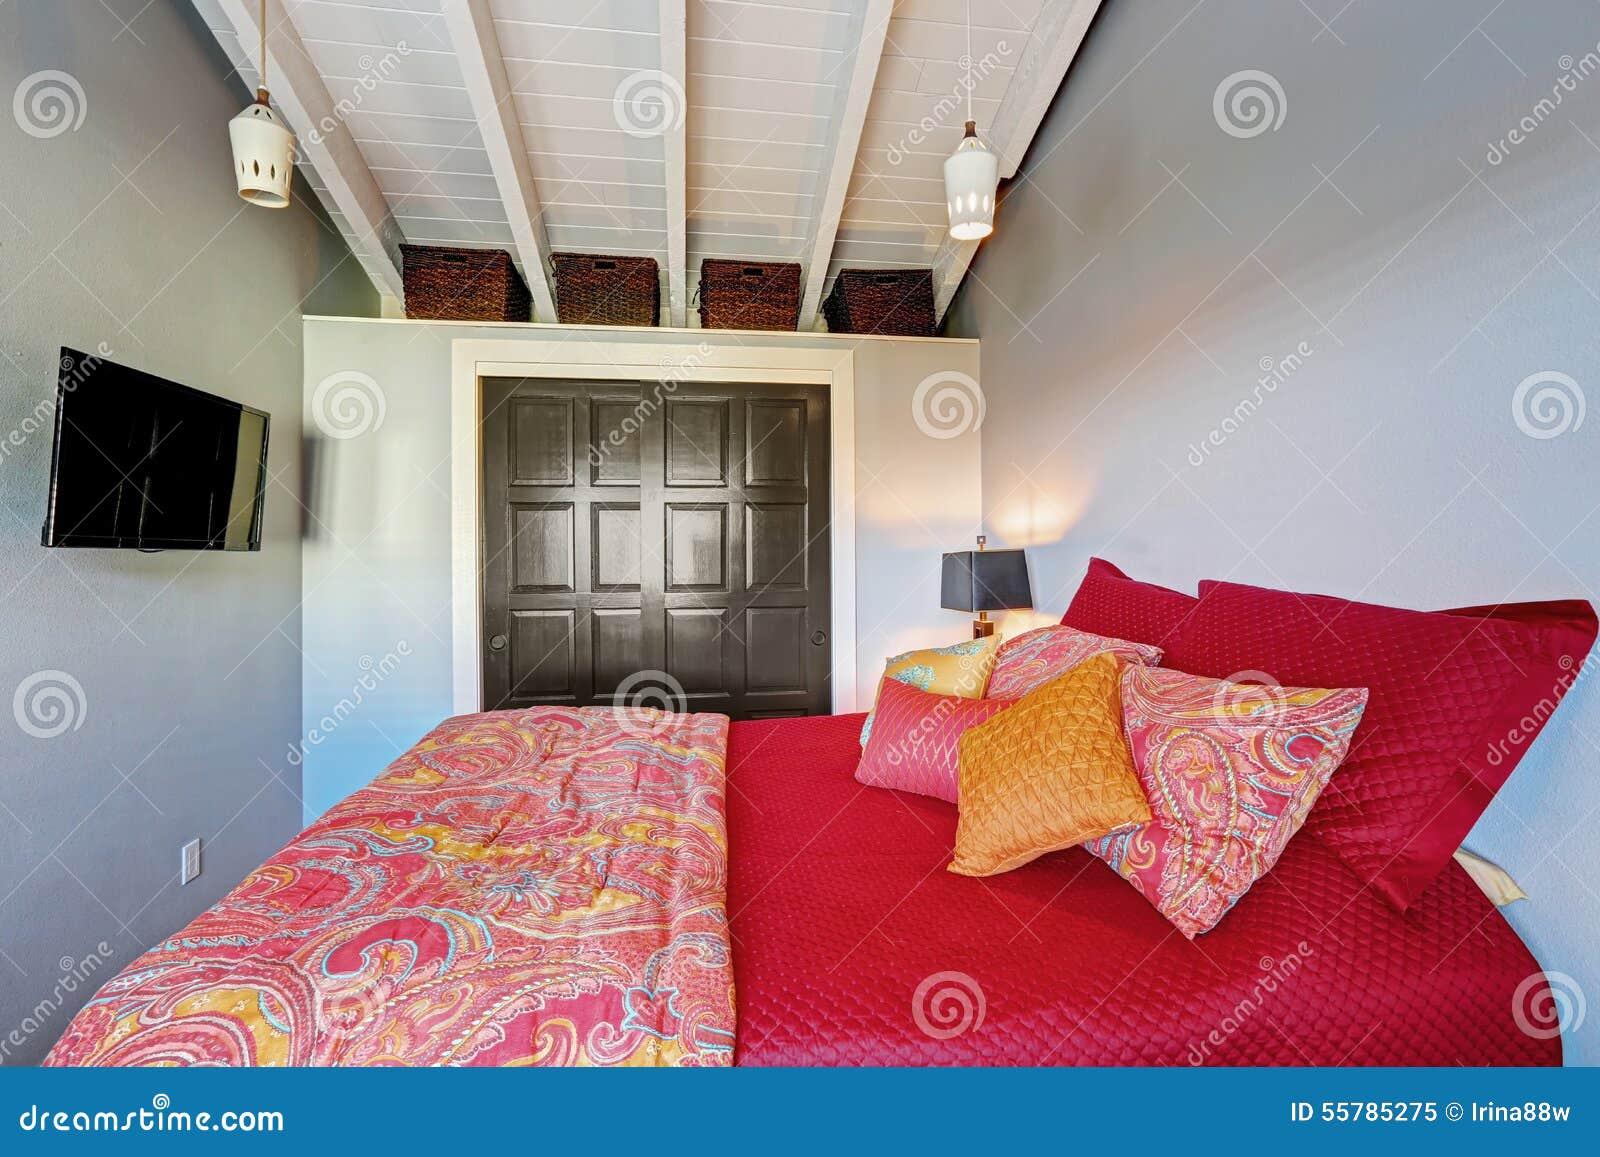 Camera da letto perfetta casamia idea di immagine for Piccola casa con camera da letto soppalcata